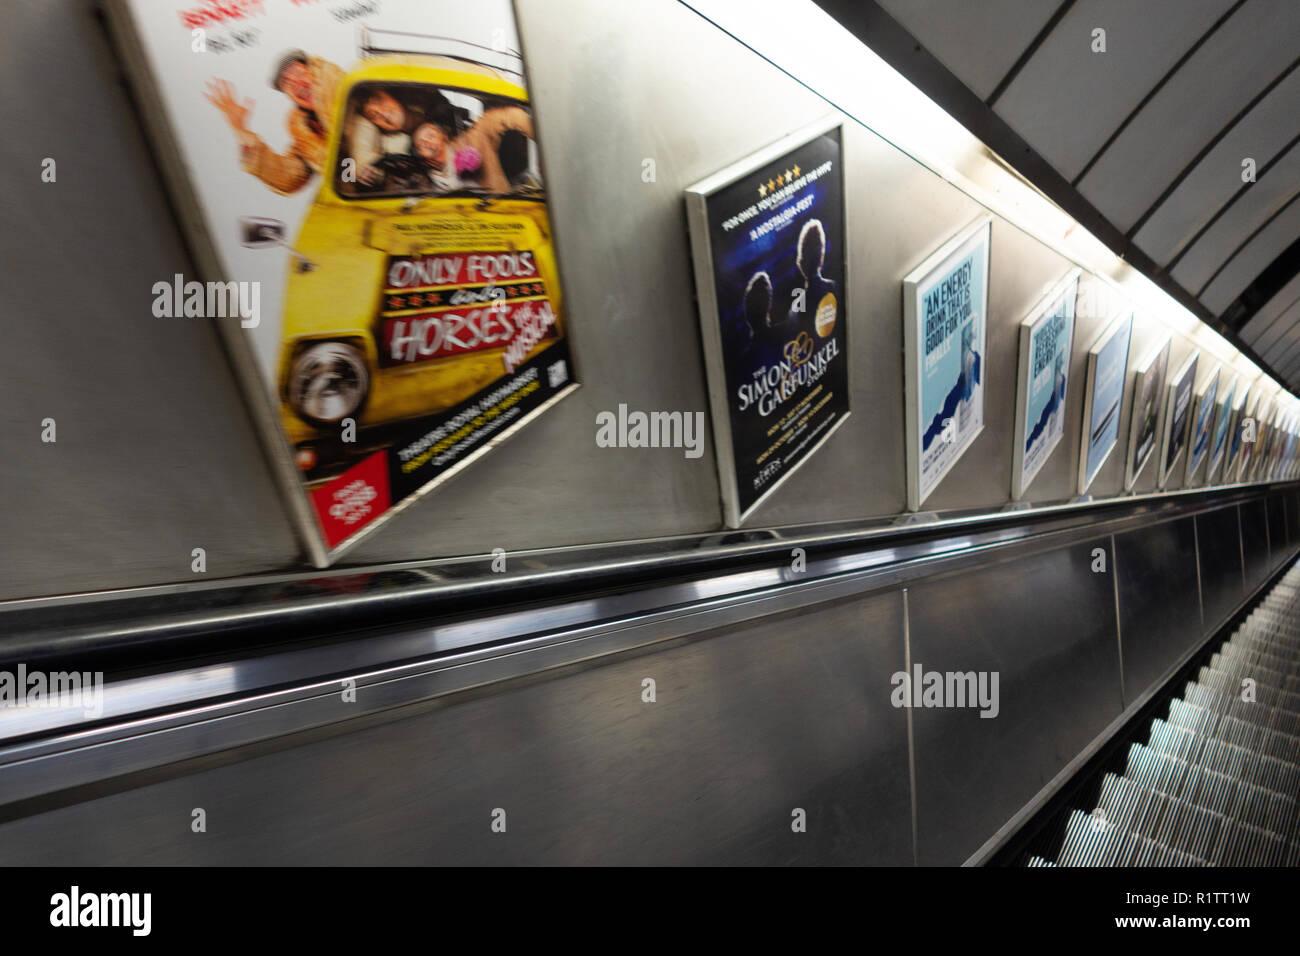 Escalator Advertising Stock Photos Escalator Advertising Stock